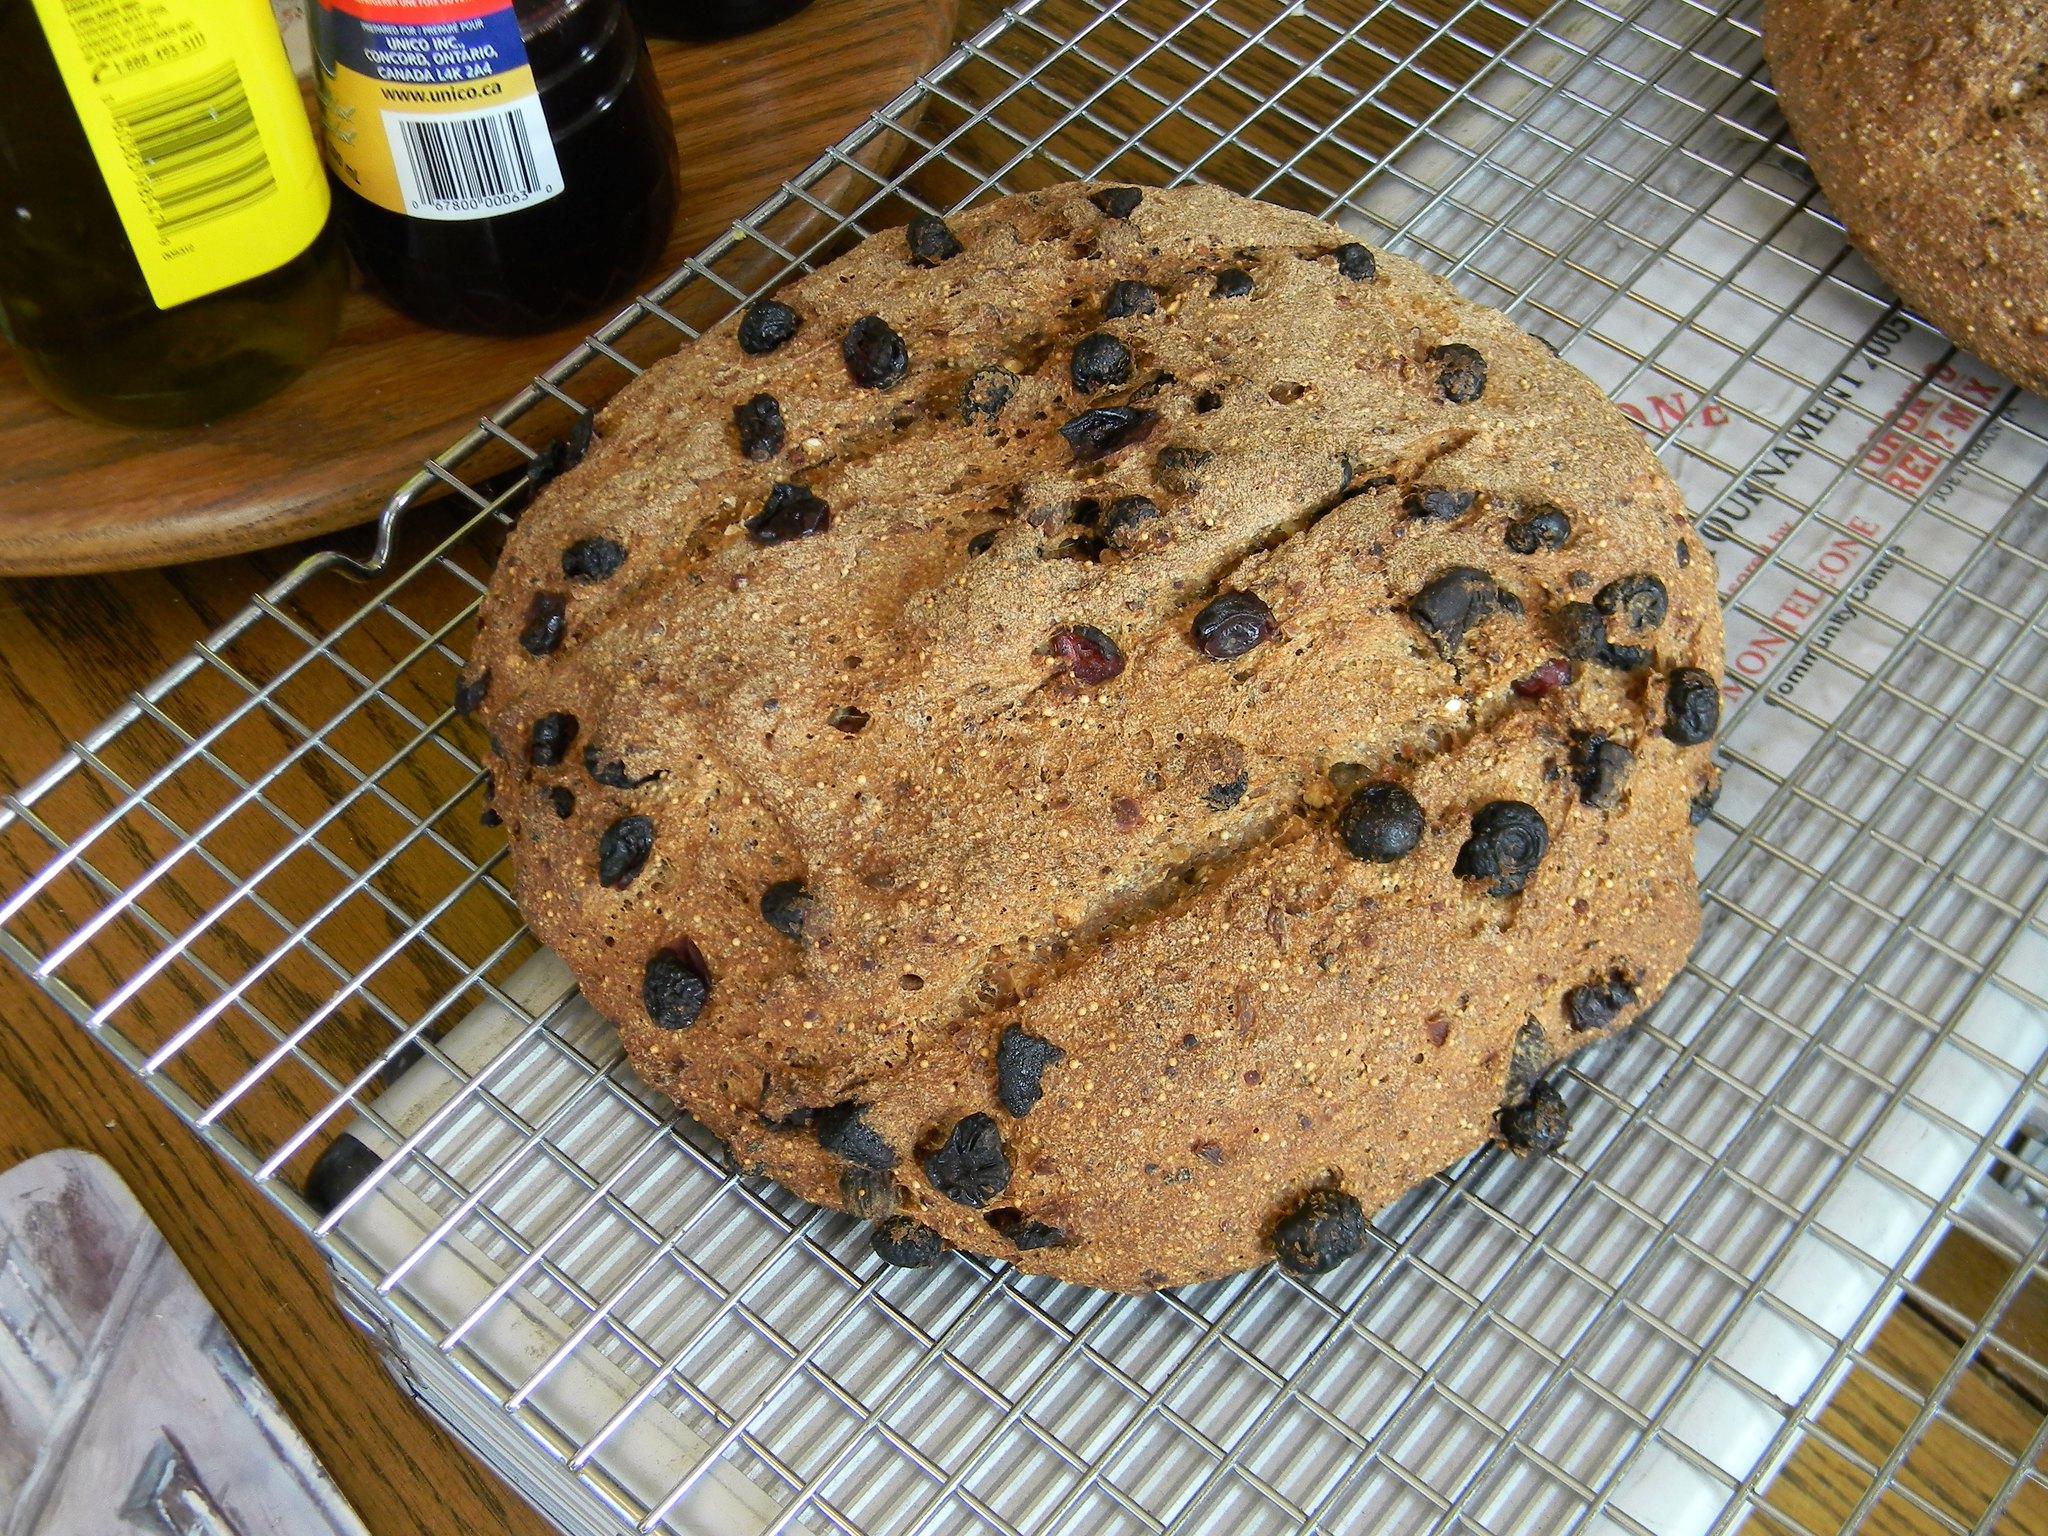 Kitchen Sink Bread (AKA Hearty Multigrain Bread)